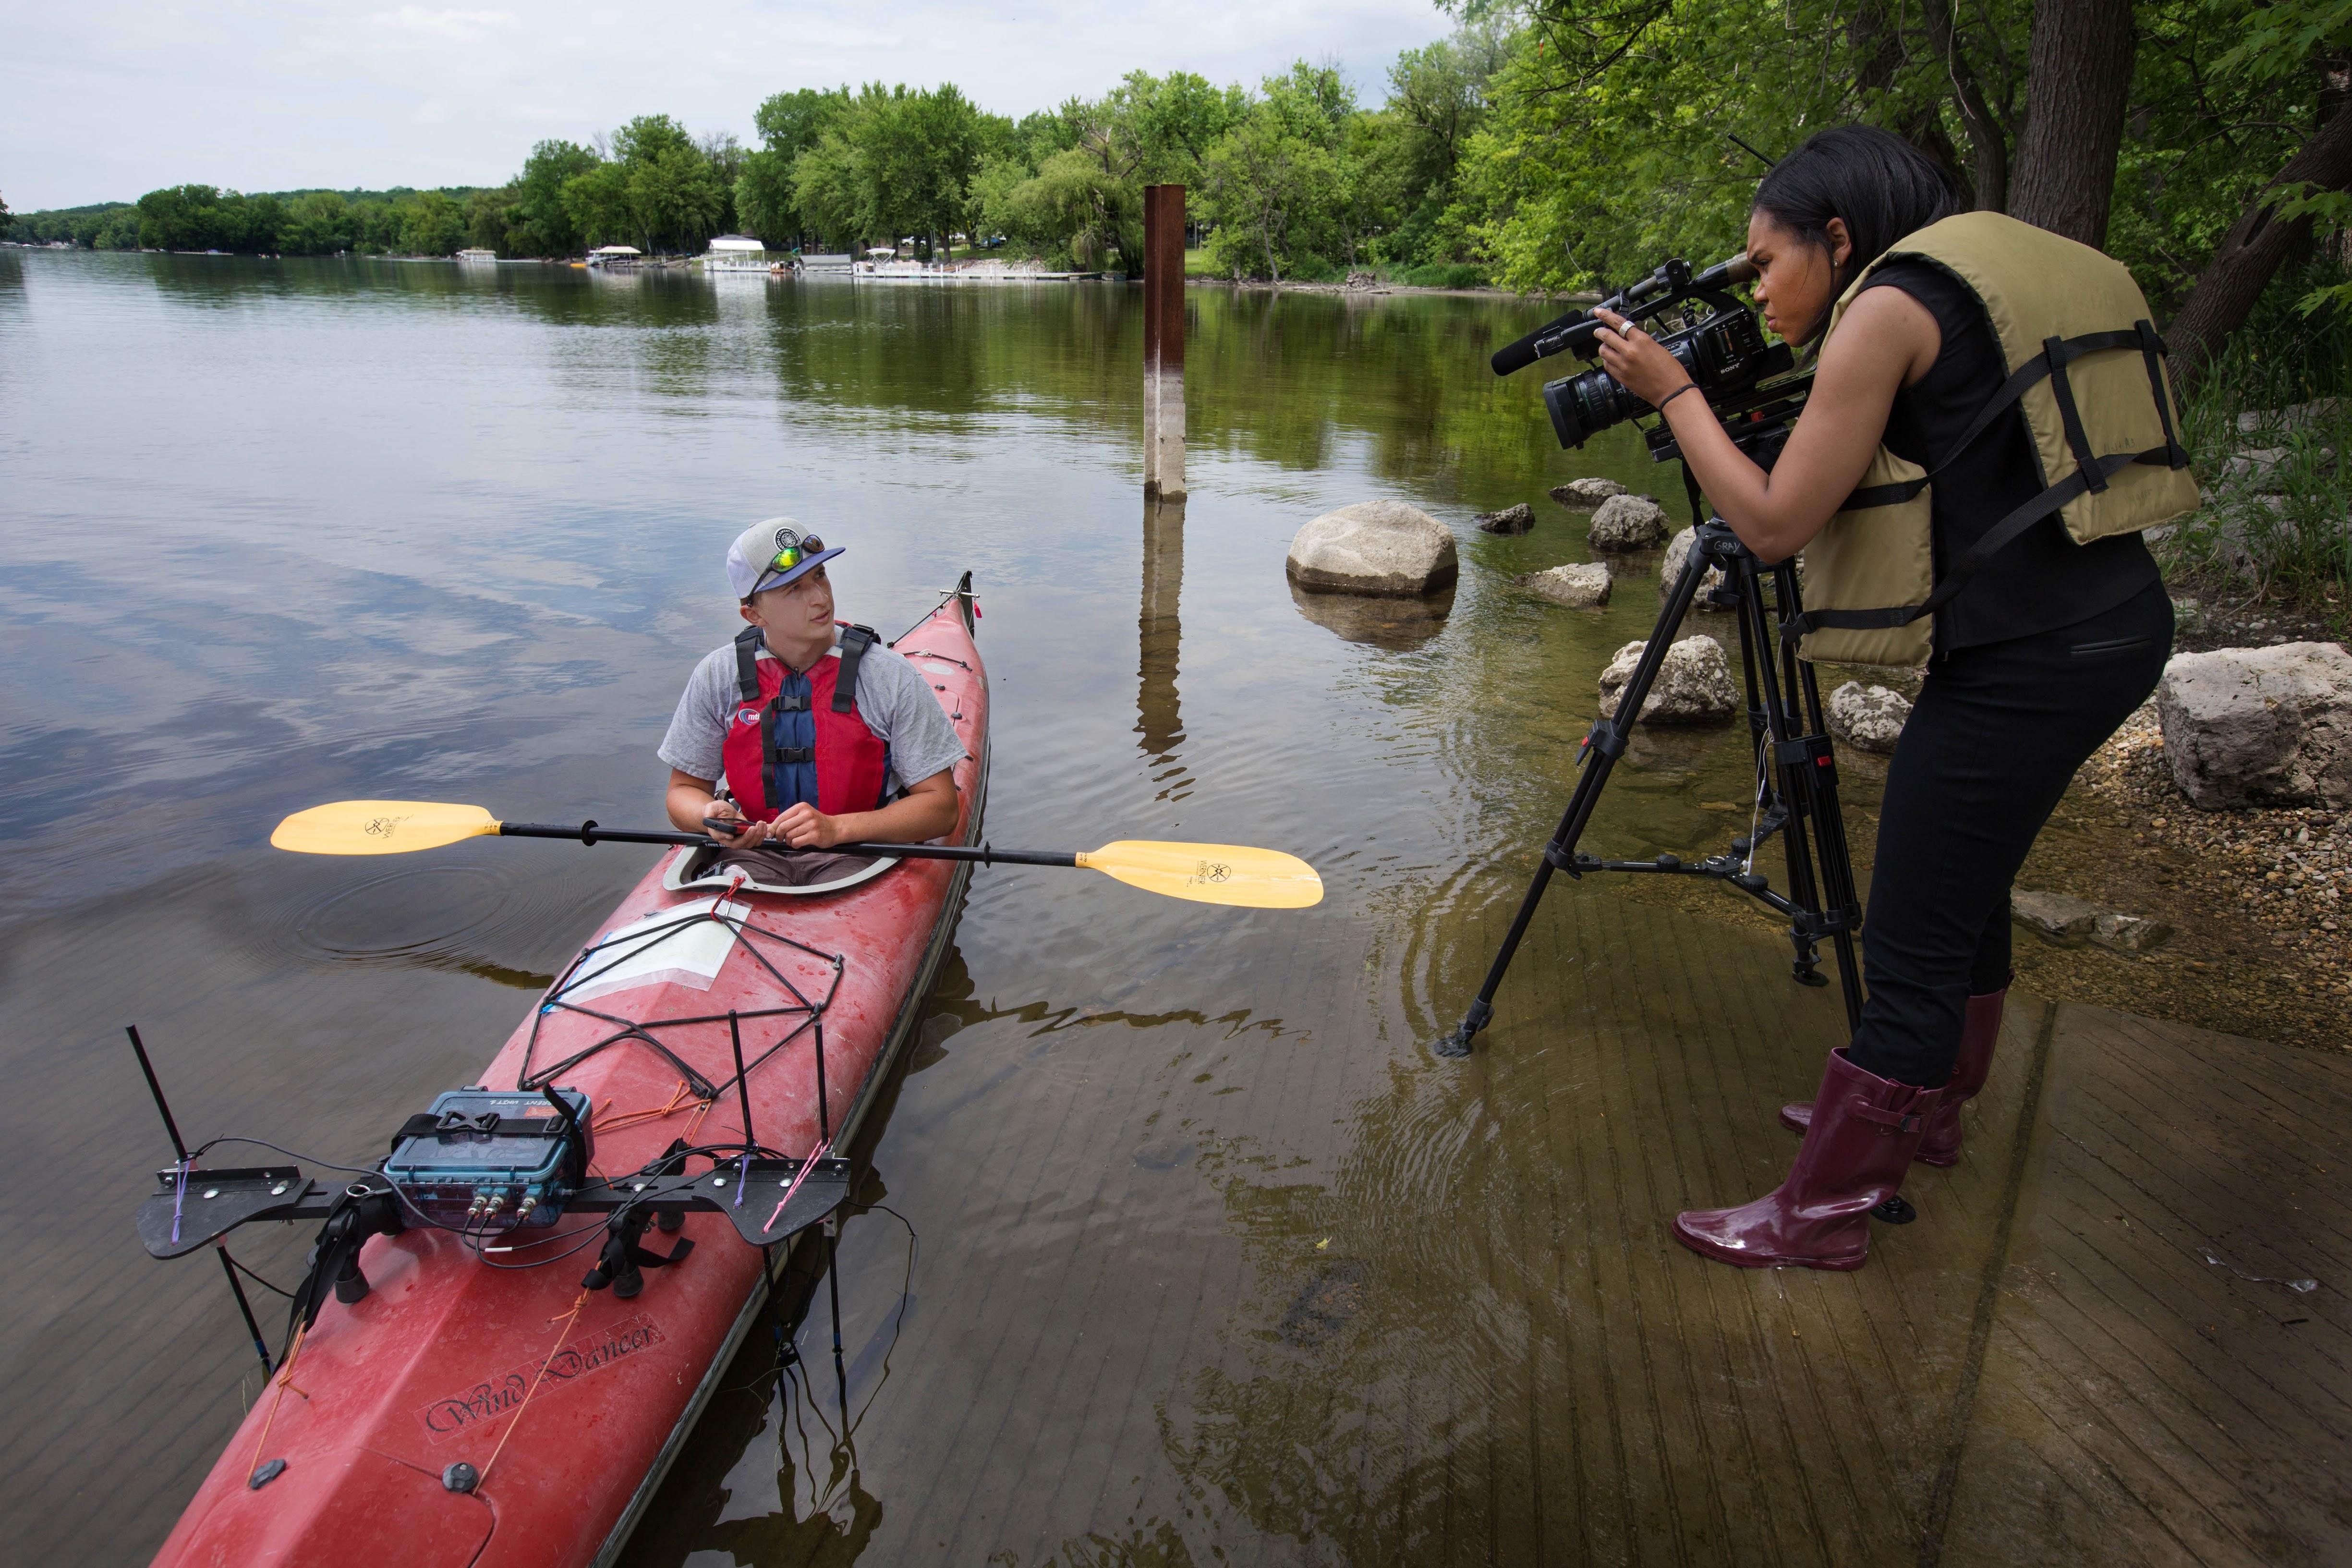 Jeff Smyczek, UWW undergrad, being interviewed. Photo by Craig Schreiner